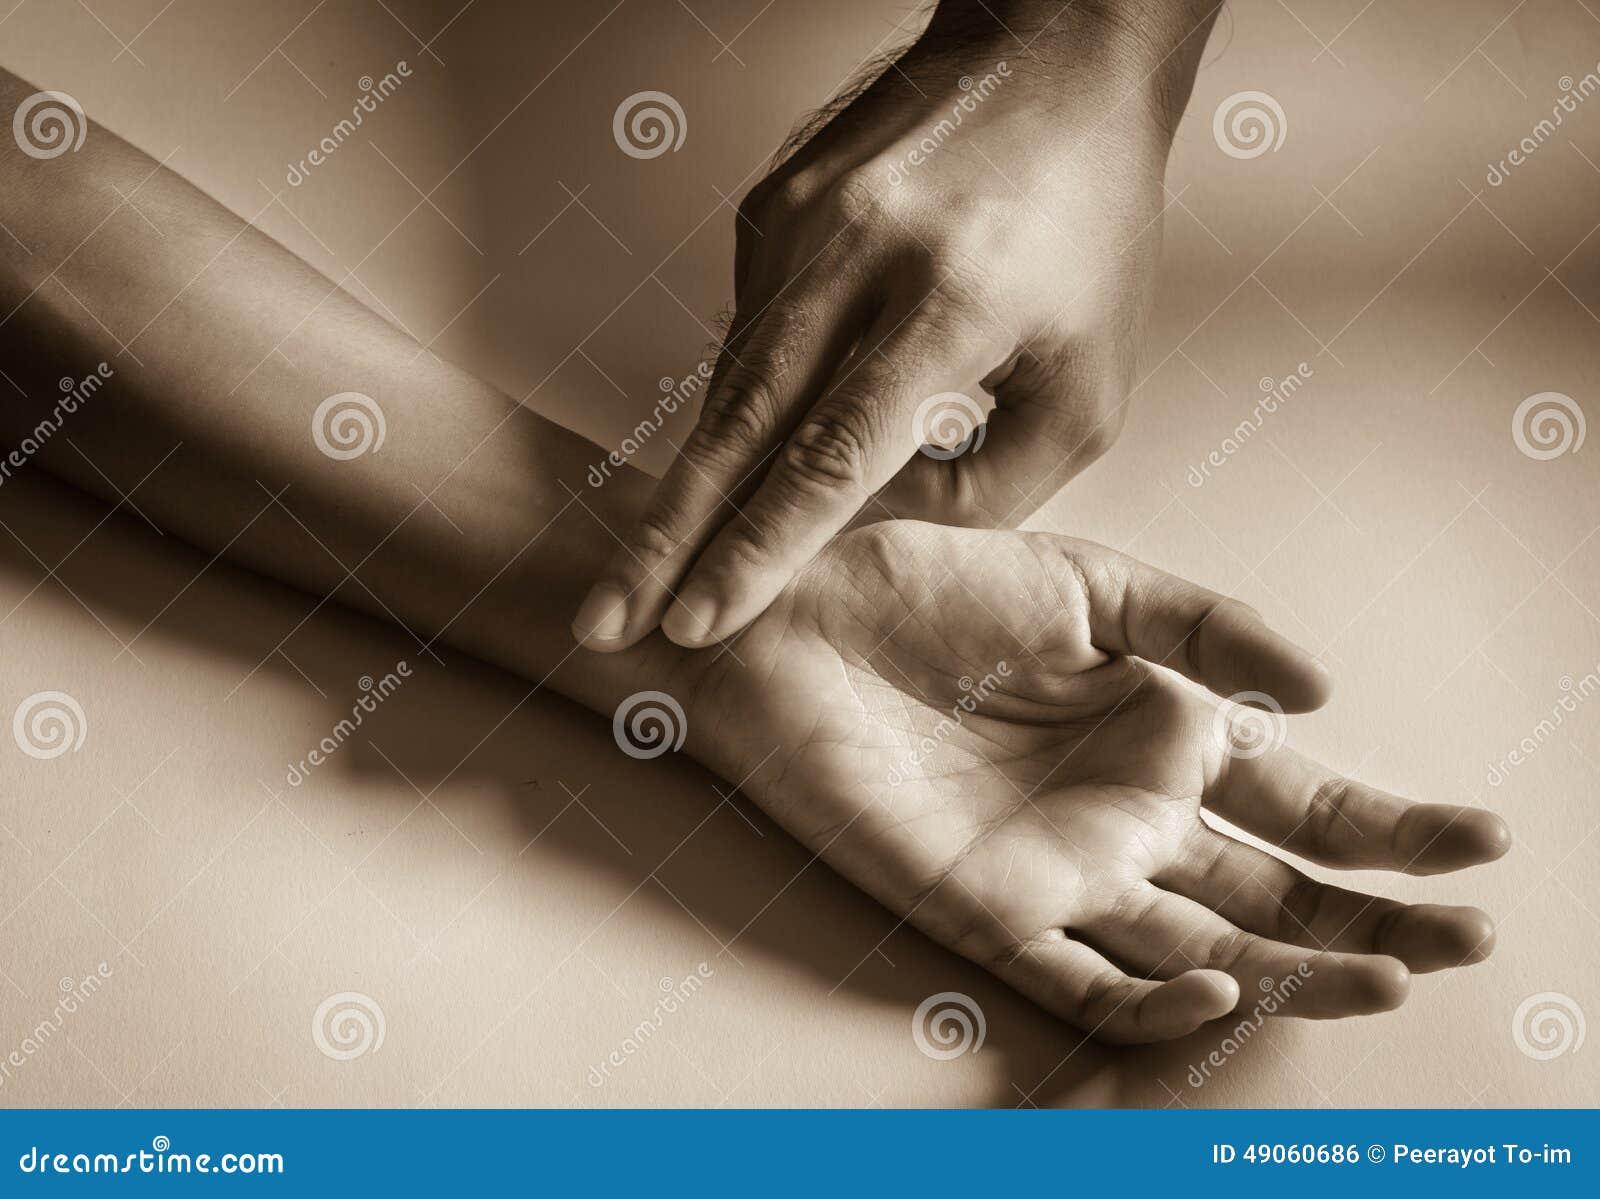 Diagnóstico do pulso com mão